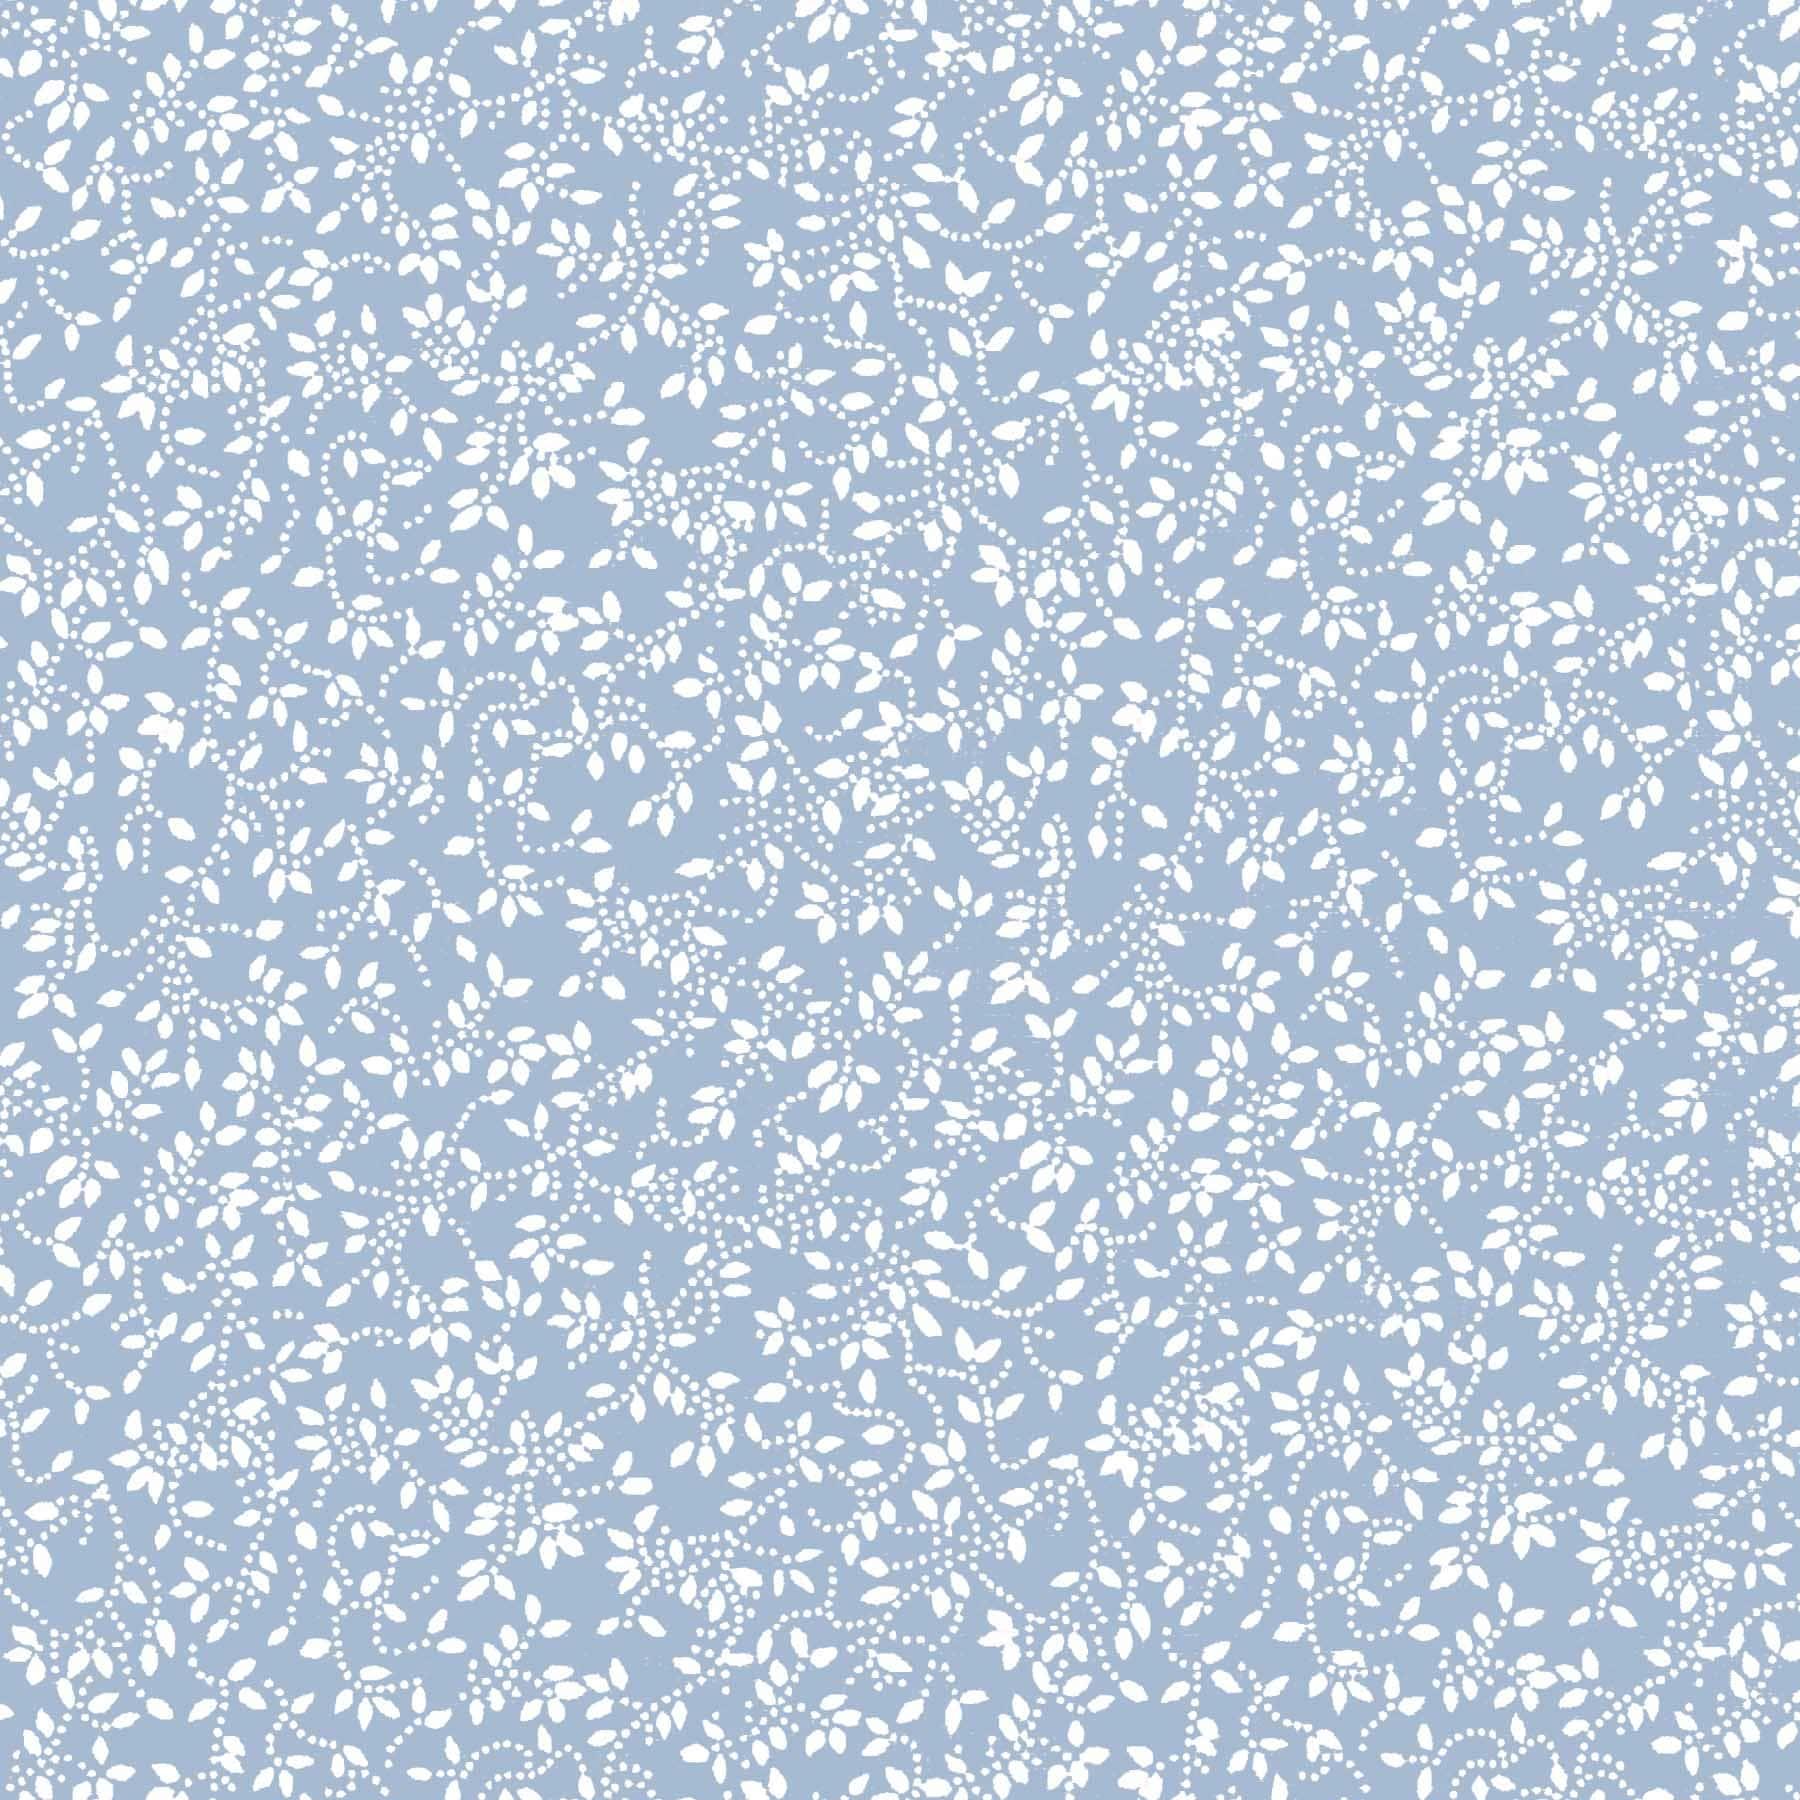 Tecido Tricoline estampado floral ramificado branco fundo azul bebe